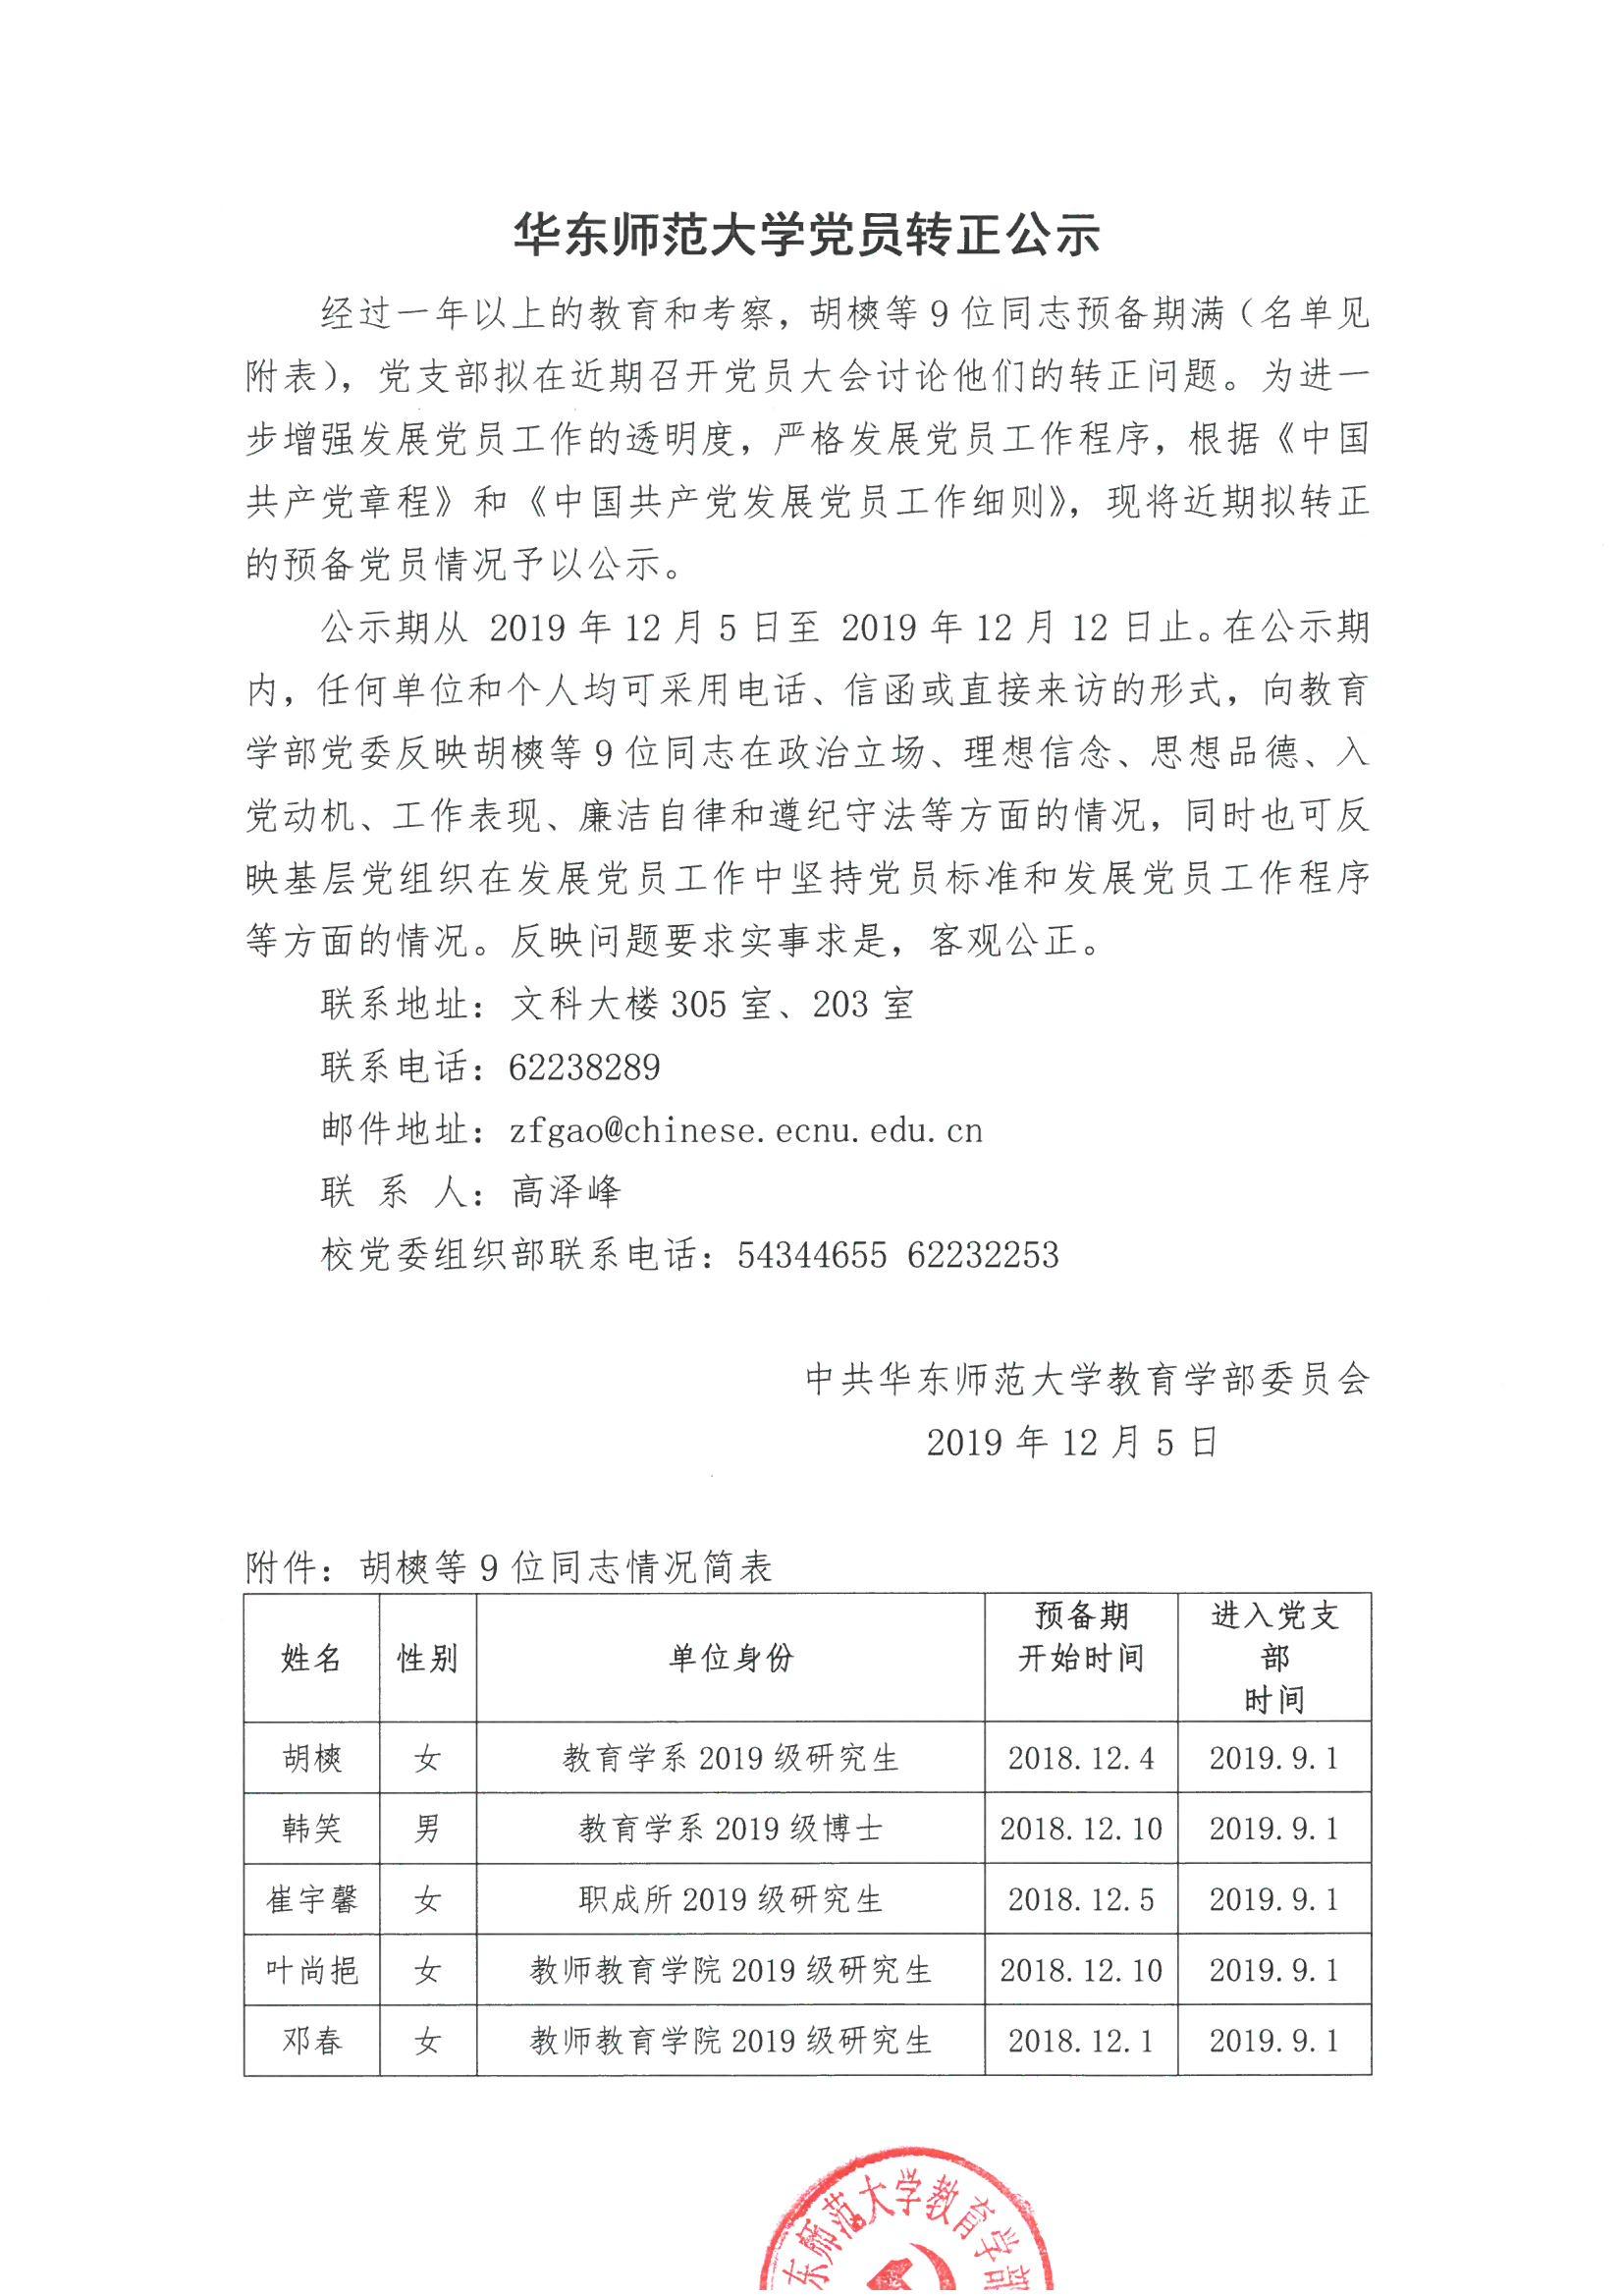 【公示】教育学部2019年12月党员转正公示(第二批)